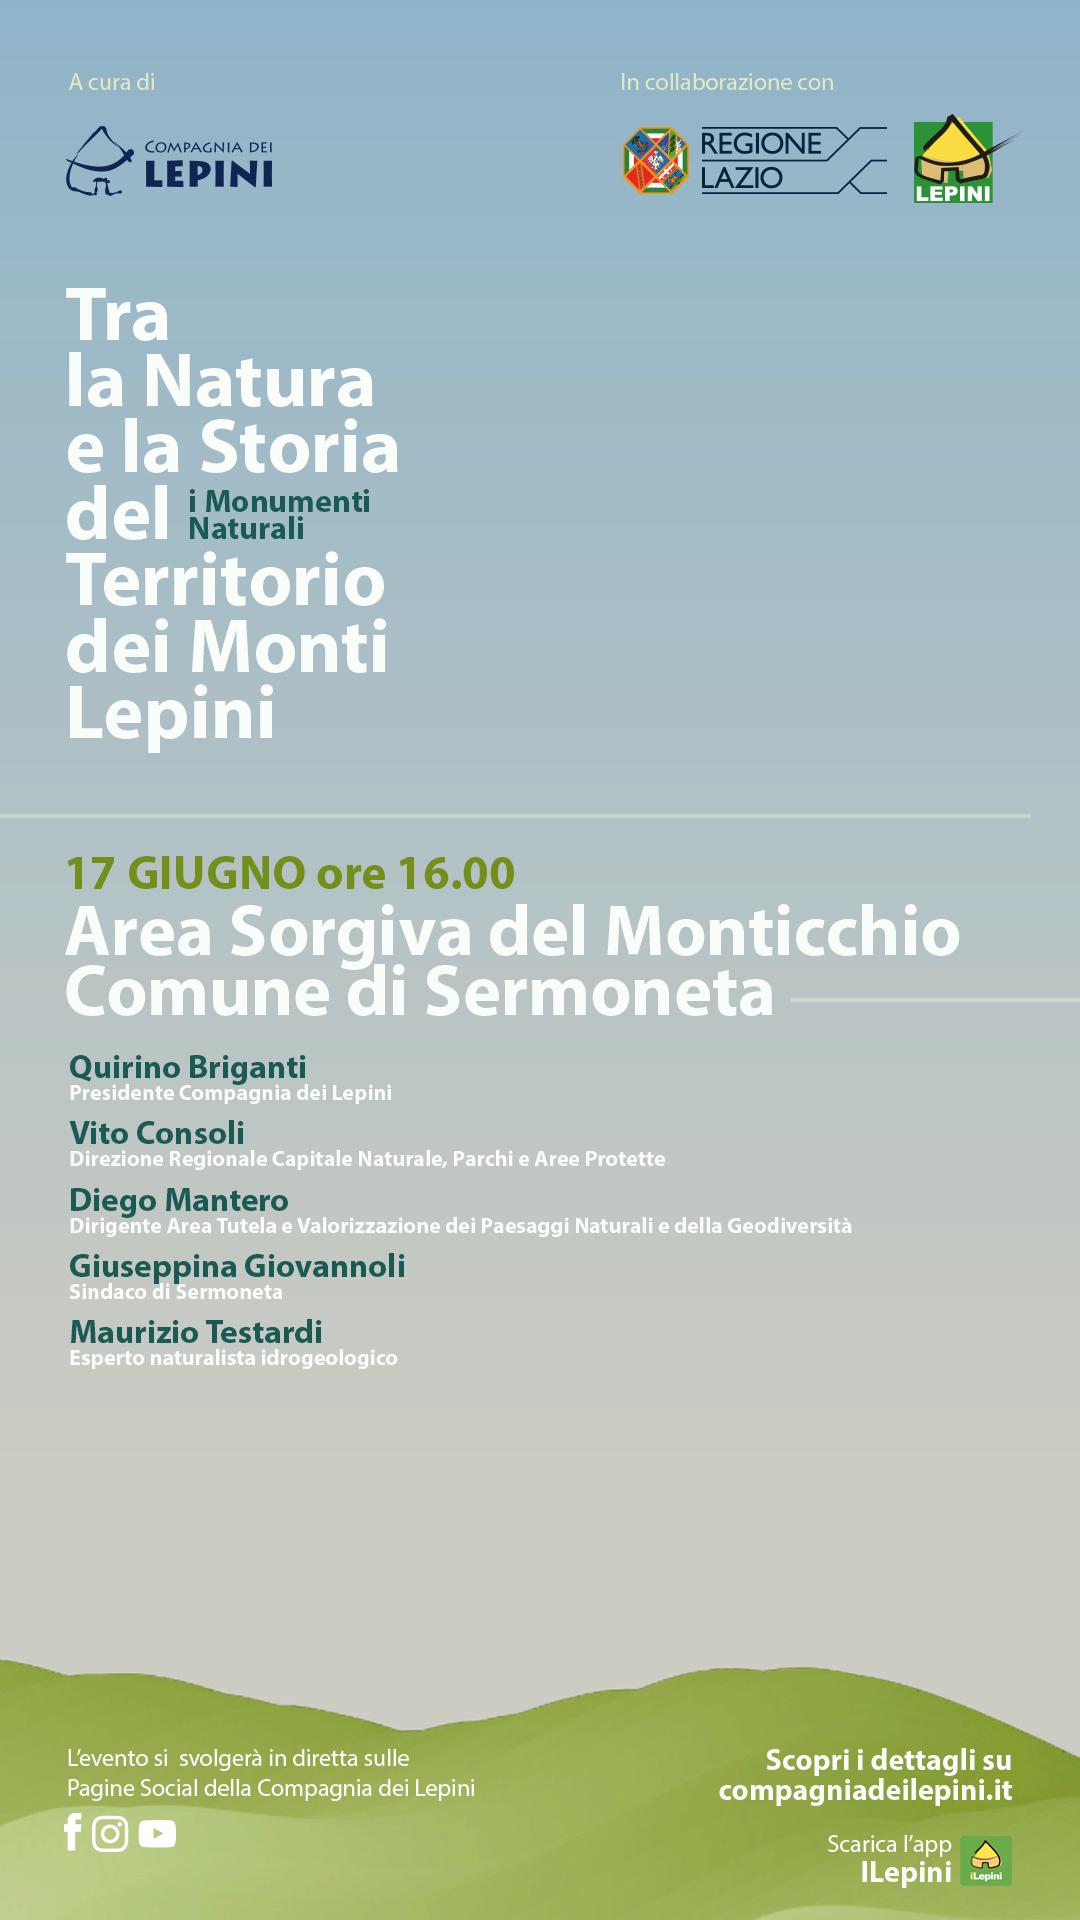 Tra la Natura e la Storia del territorio dei Monti Lepini: Monumento Naturale di Monticchio @ Evento Online